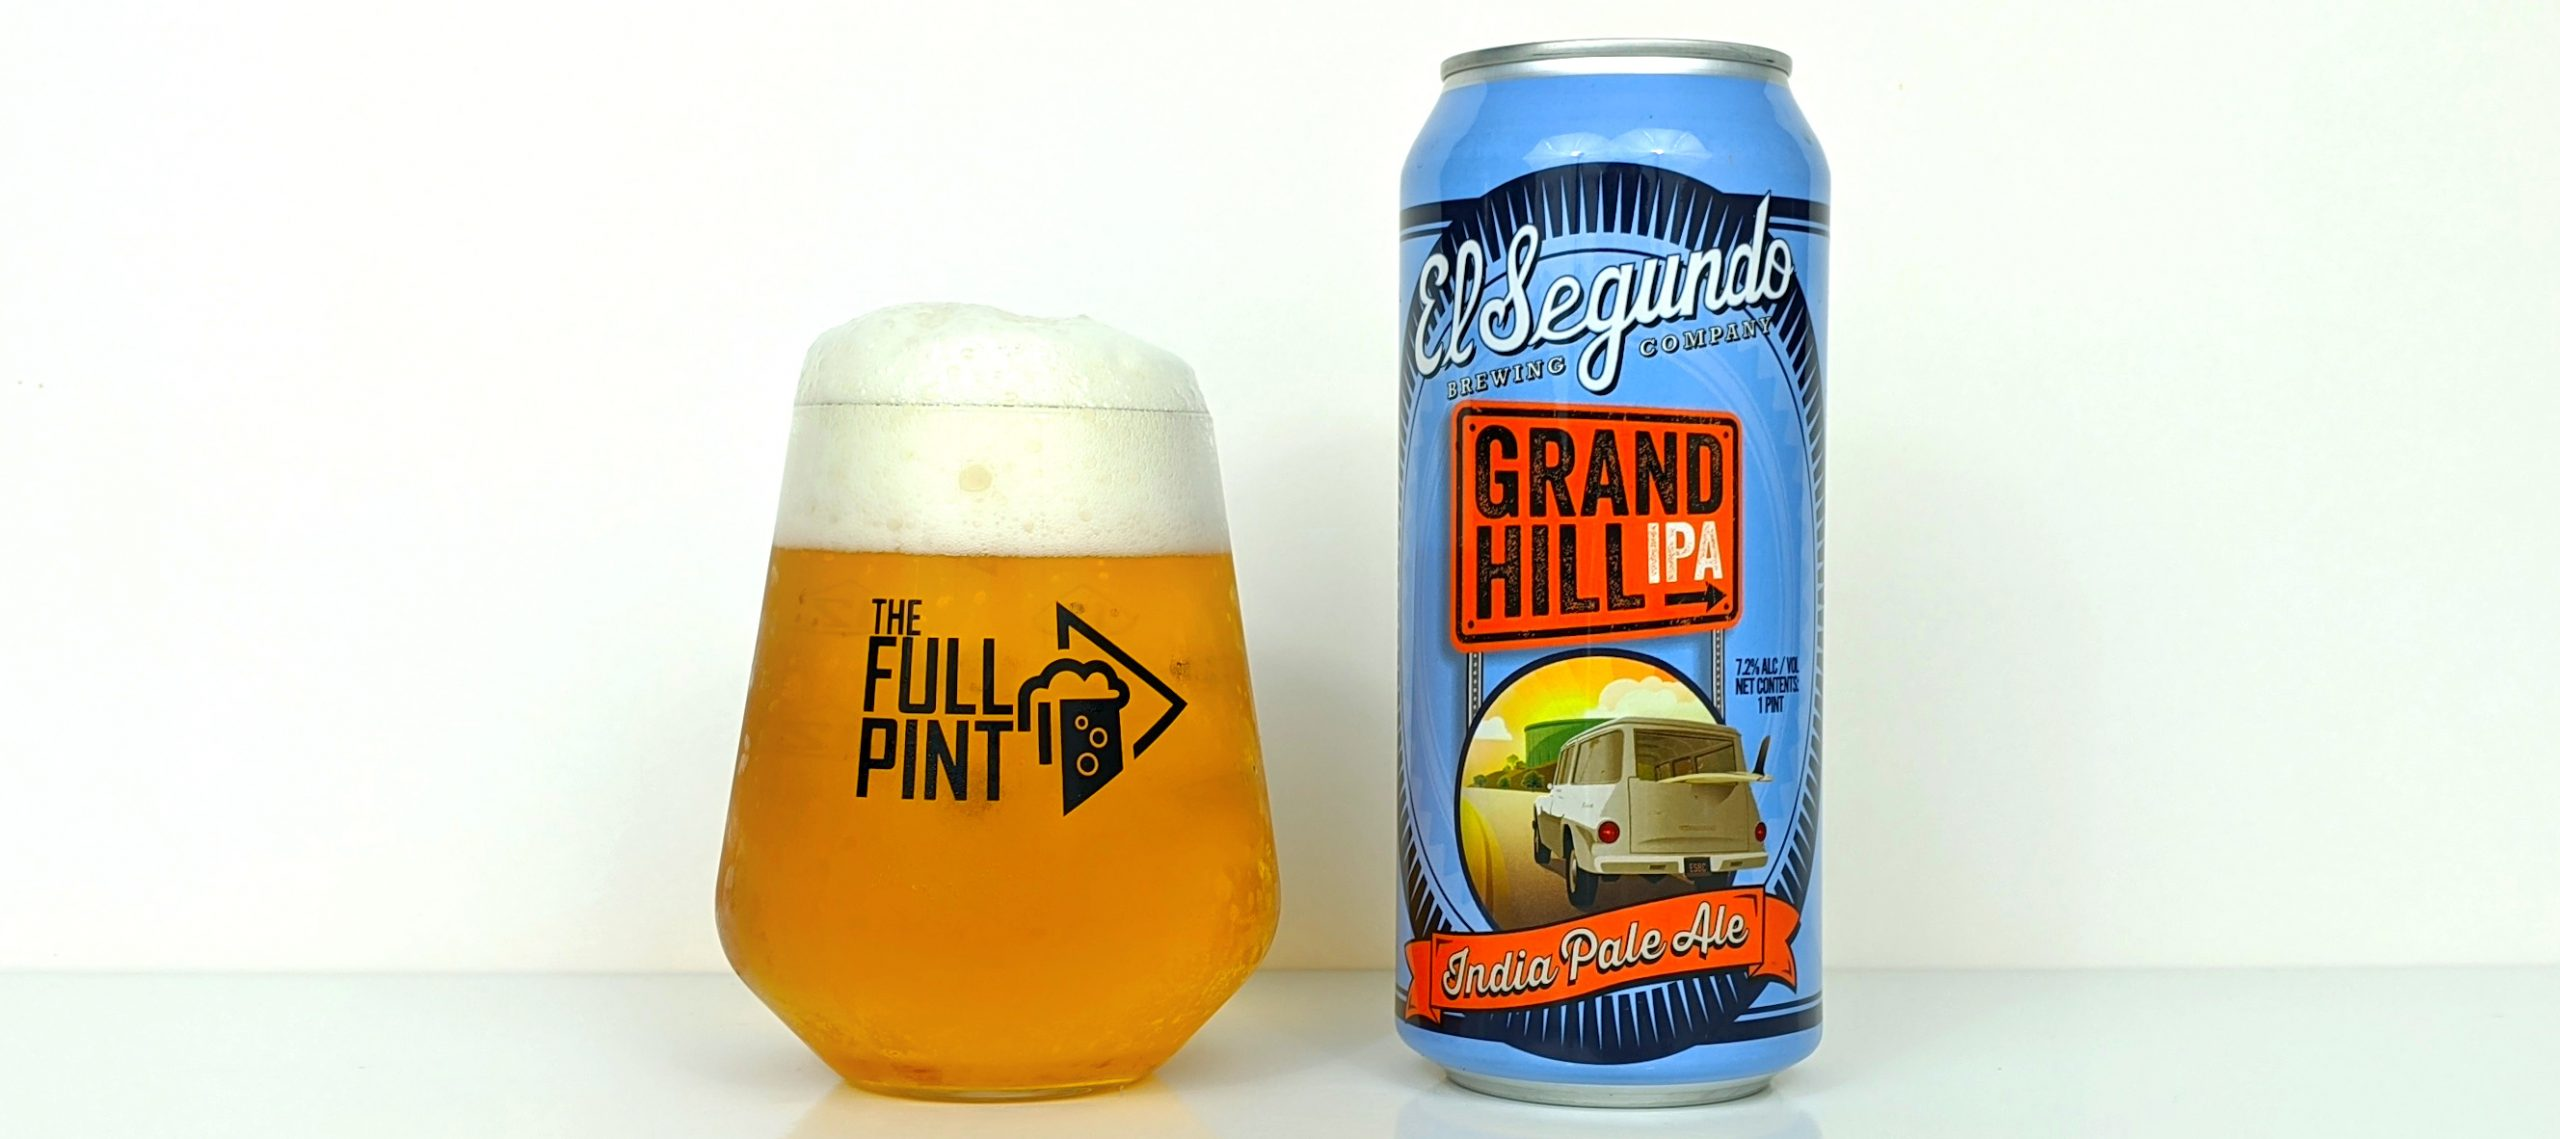 El Segundo Grand Hill IPA